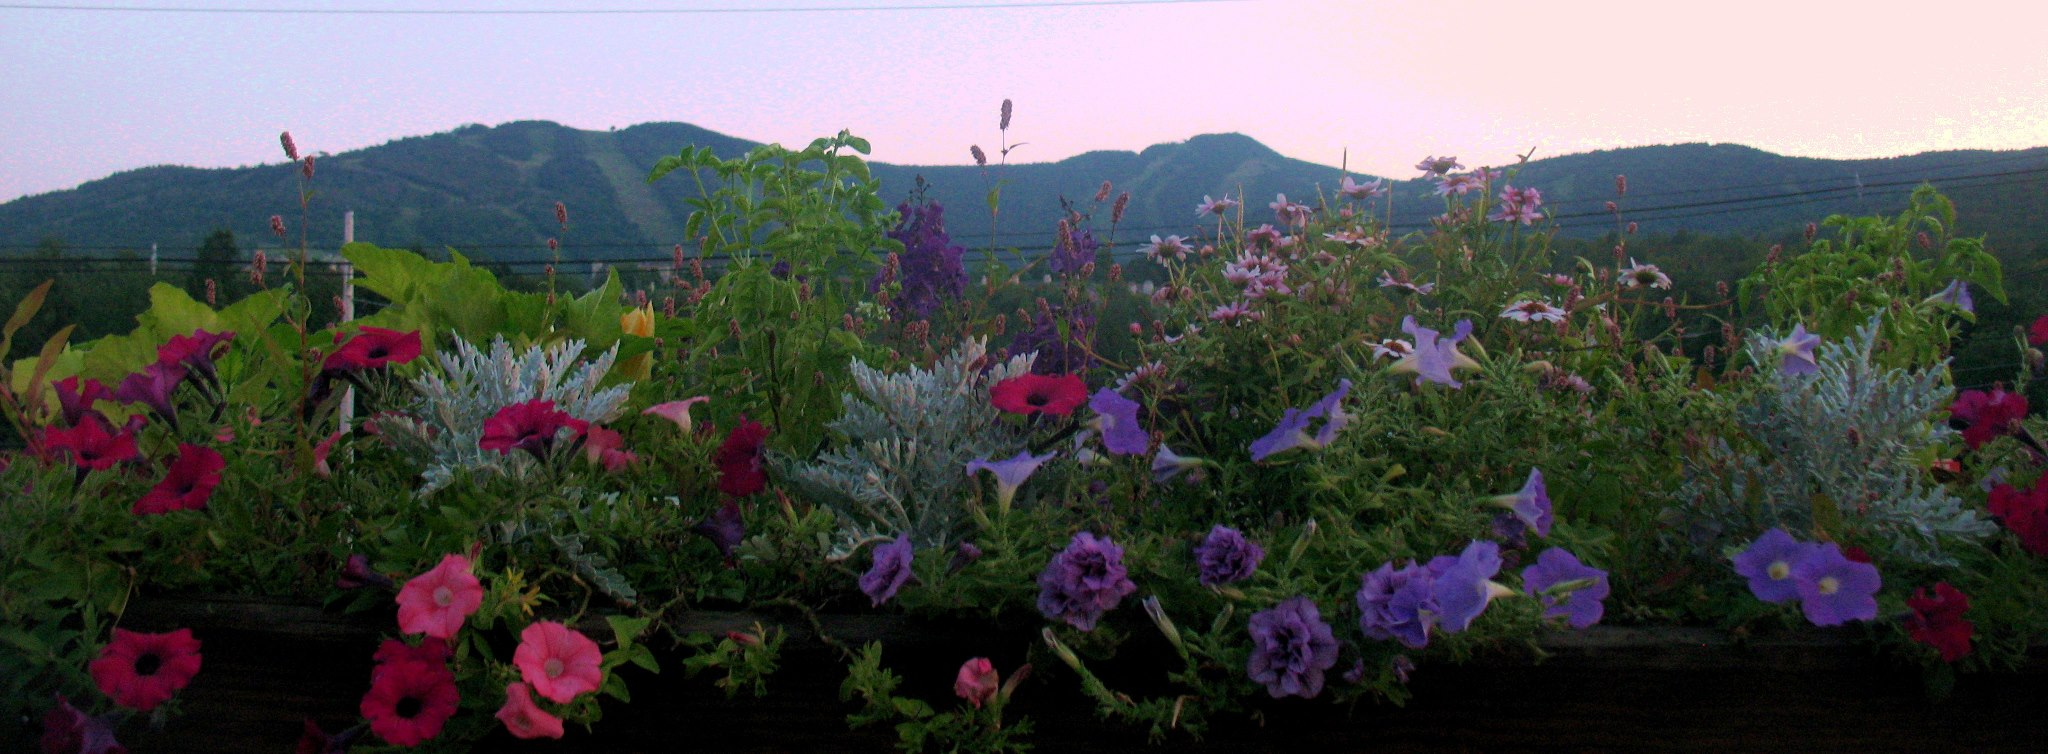 summerview2.jpg